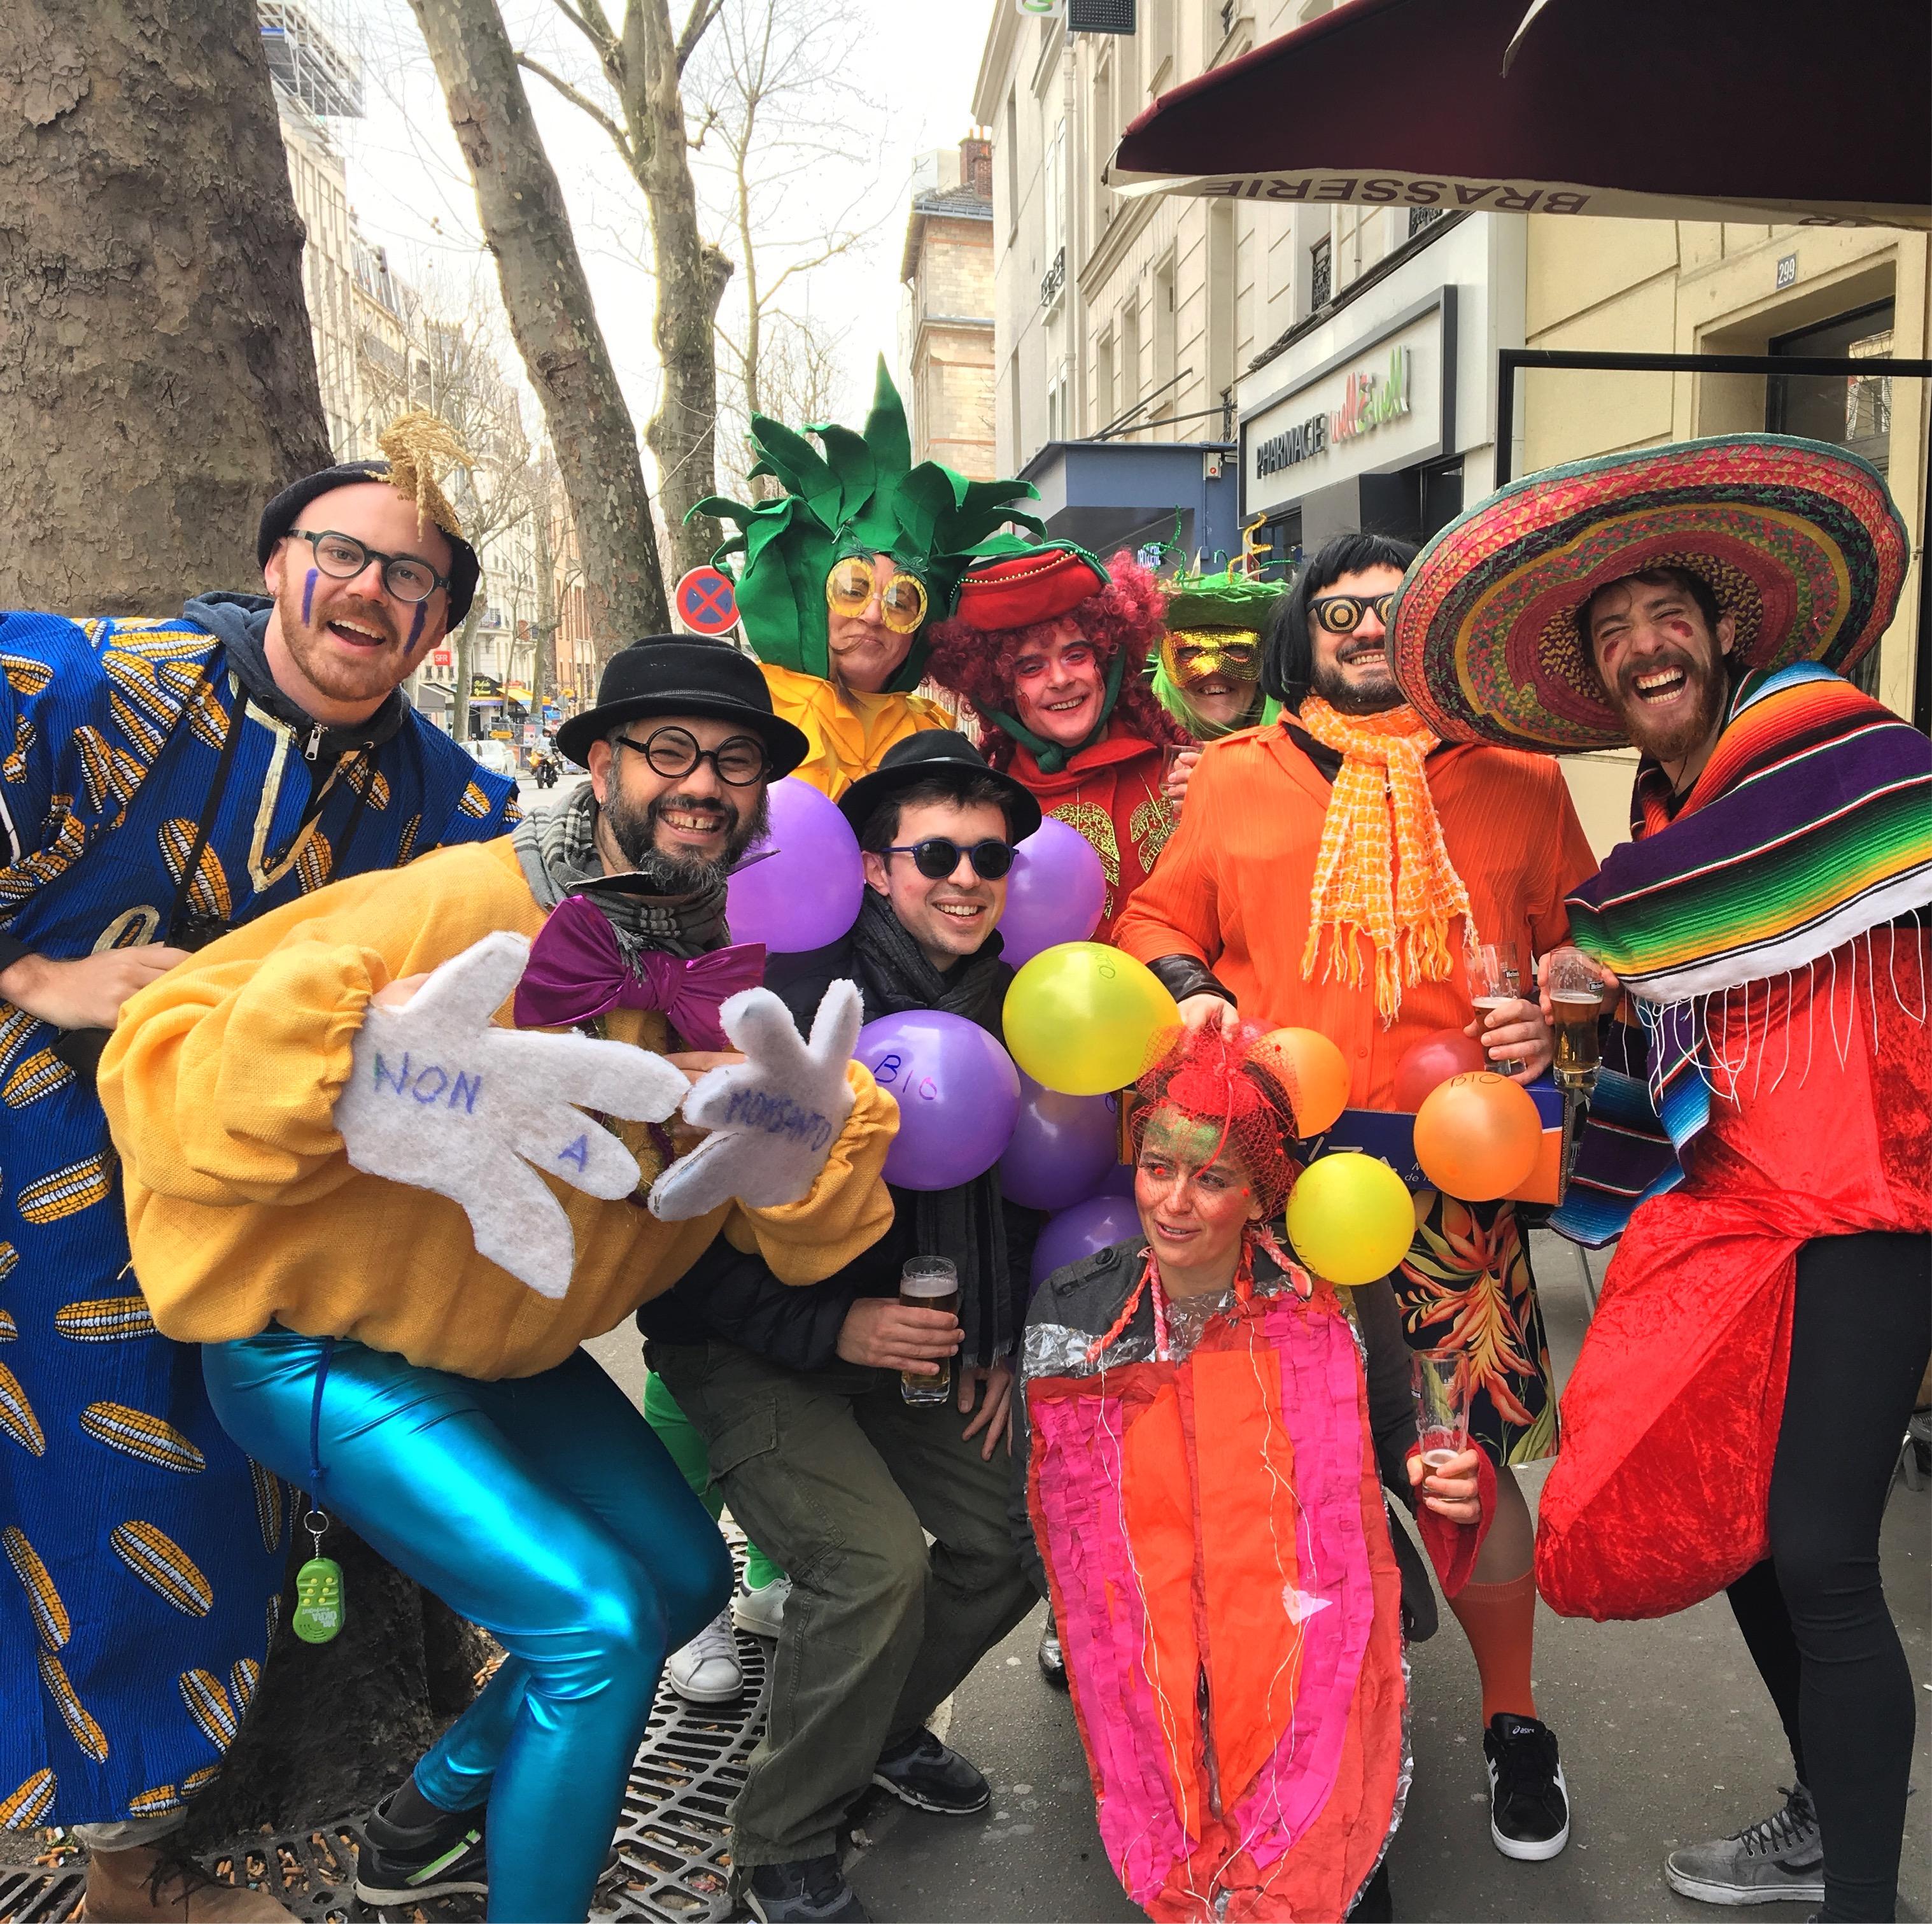 Photos du carnaval de paris 2017 re ues de jp carnaval de paris 2018 - Carnaval de paris 2017 ...